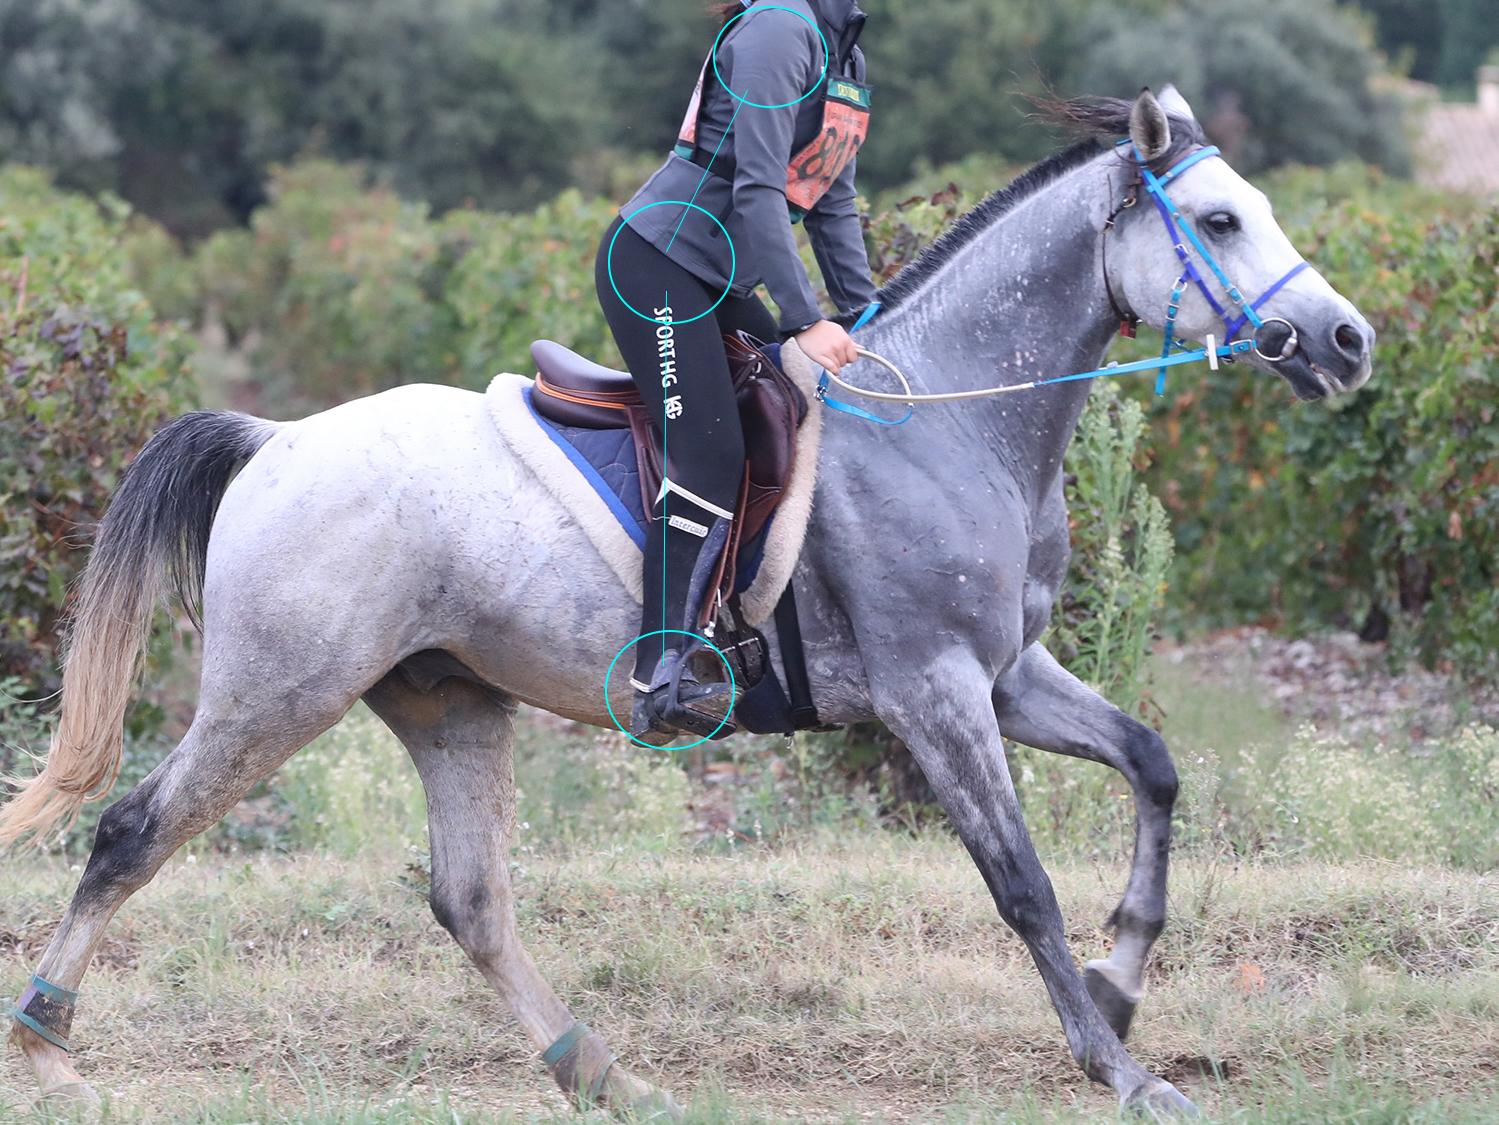 Alignement du corps en équilibre à cheval